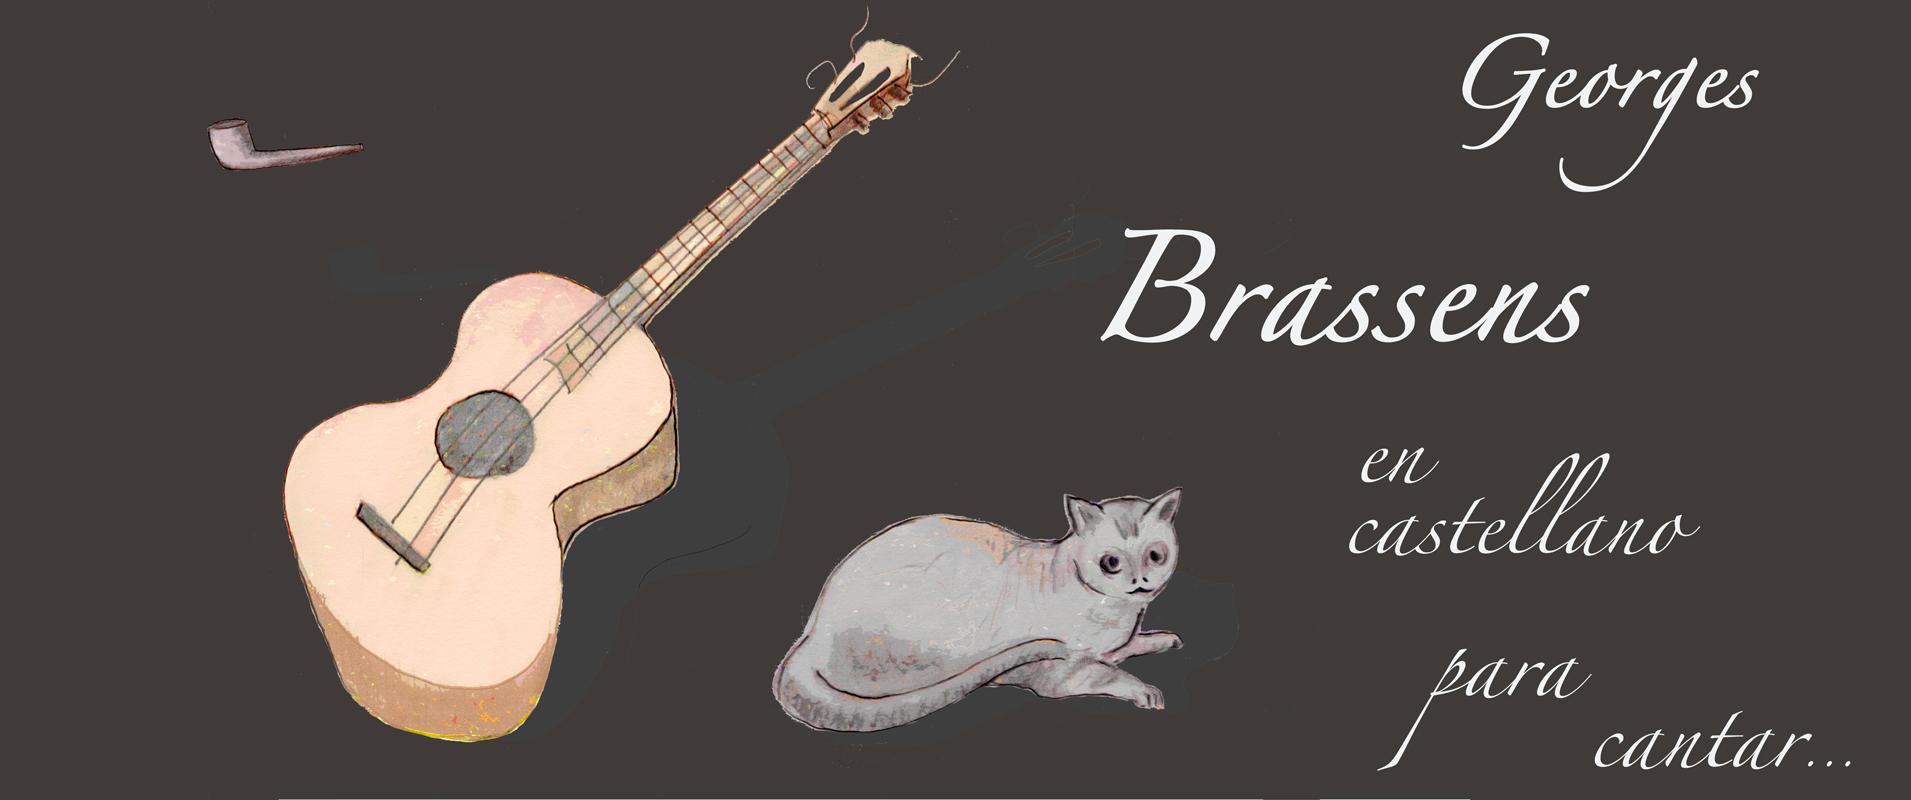 brassens en castellano